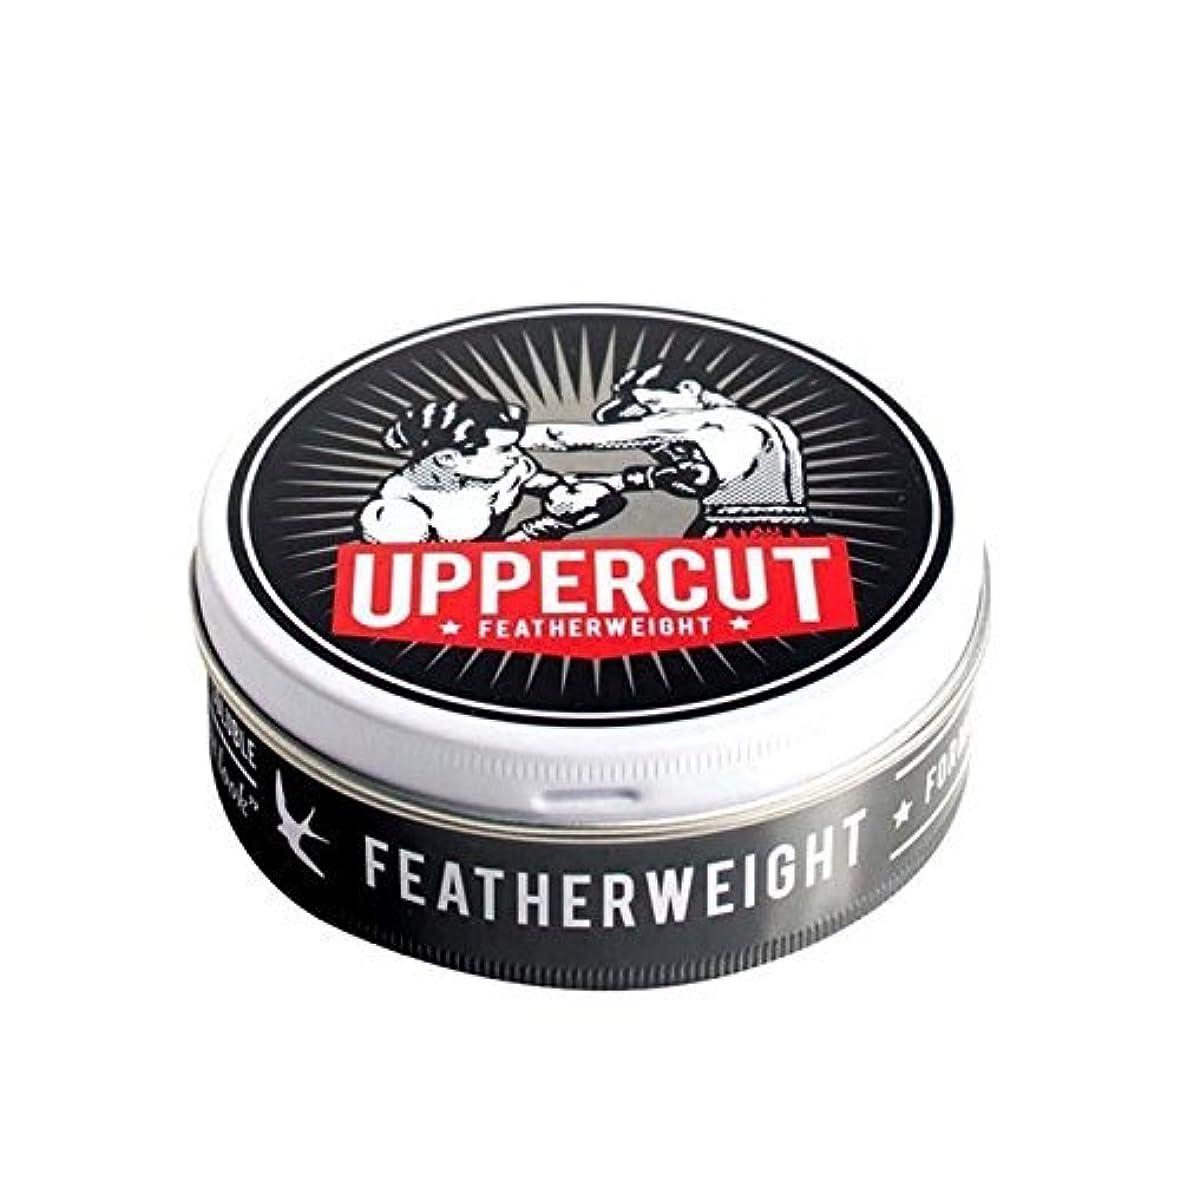 。トレイル添加剤UPPERCUT DELUXE FEATHERWEIGHT アッパーカット デラックス フェザーウェイト 70g